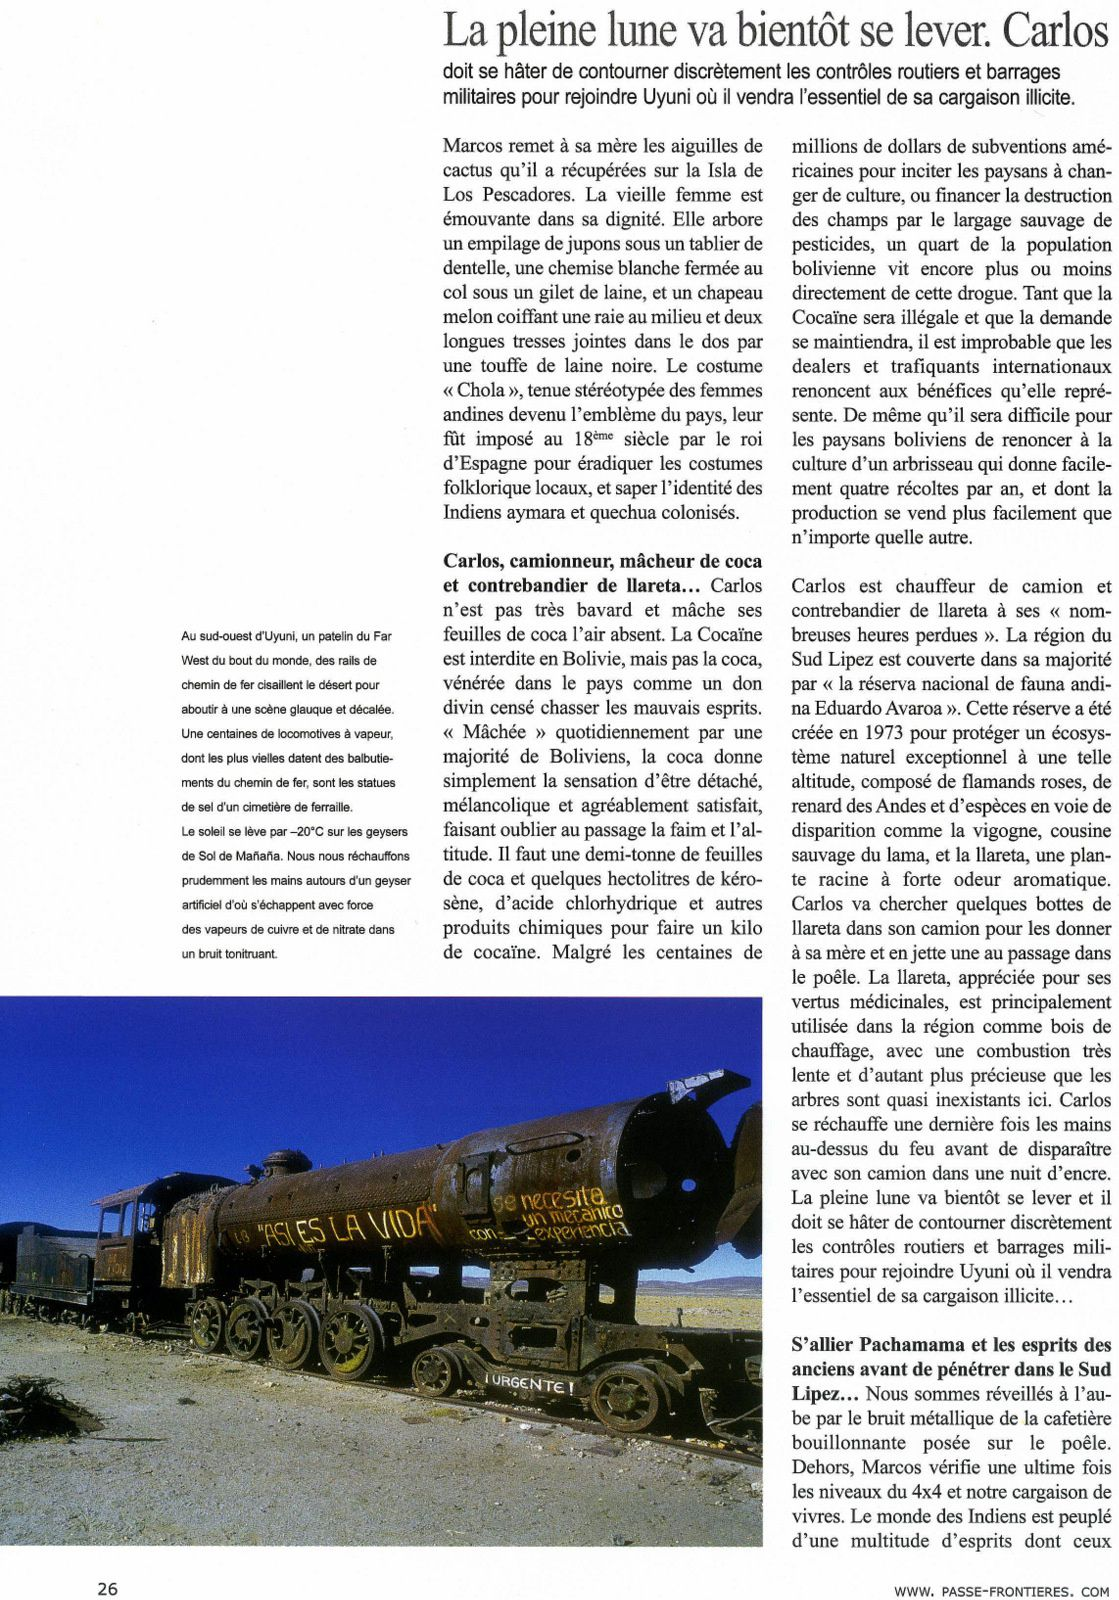 """2002 - Parution BOLIVIE dans """"PASSE FRONTIERES"""""""